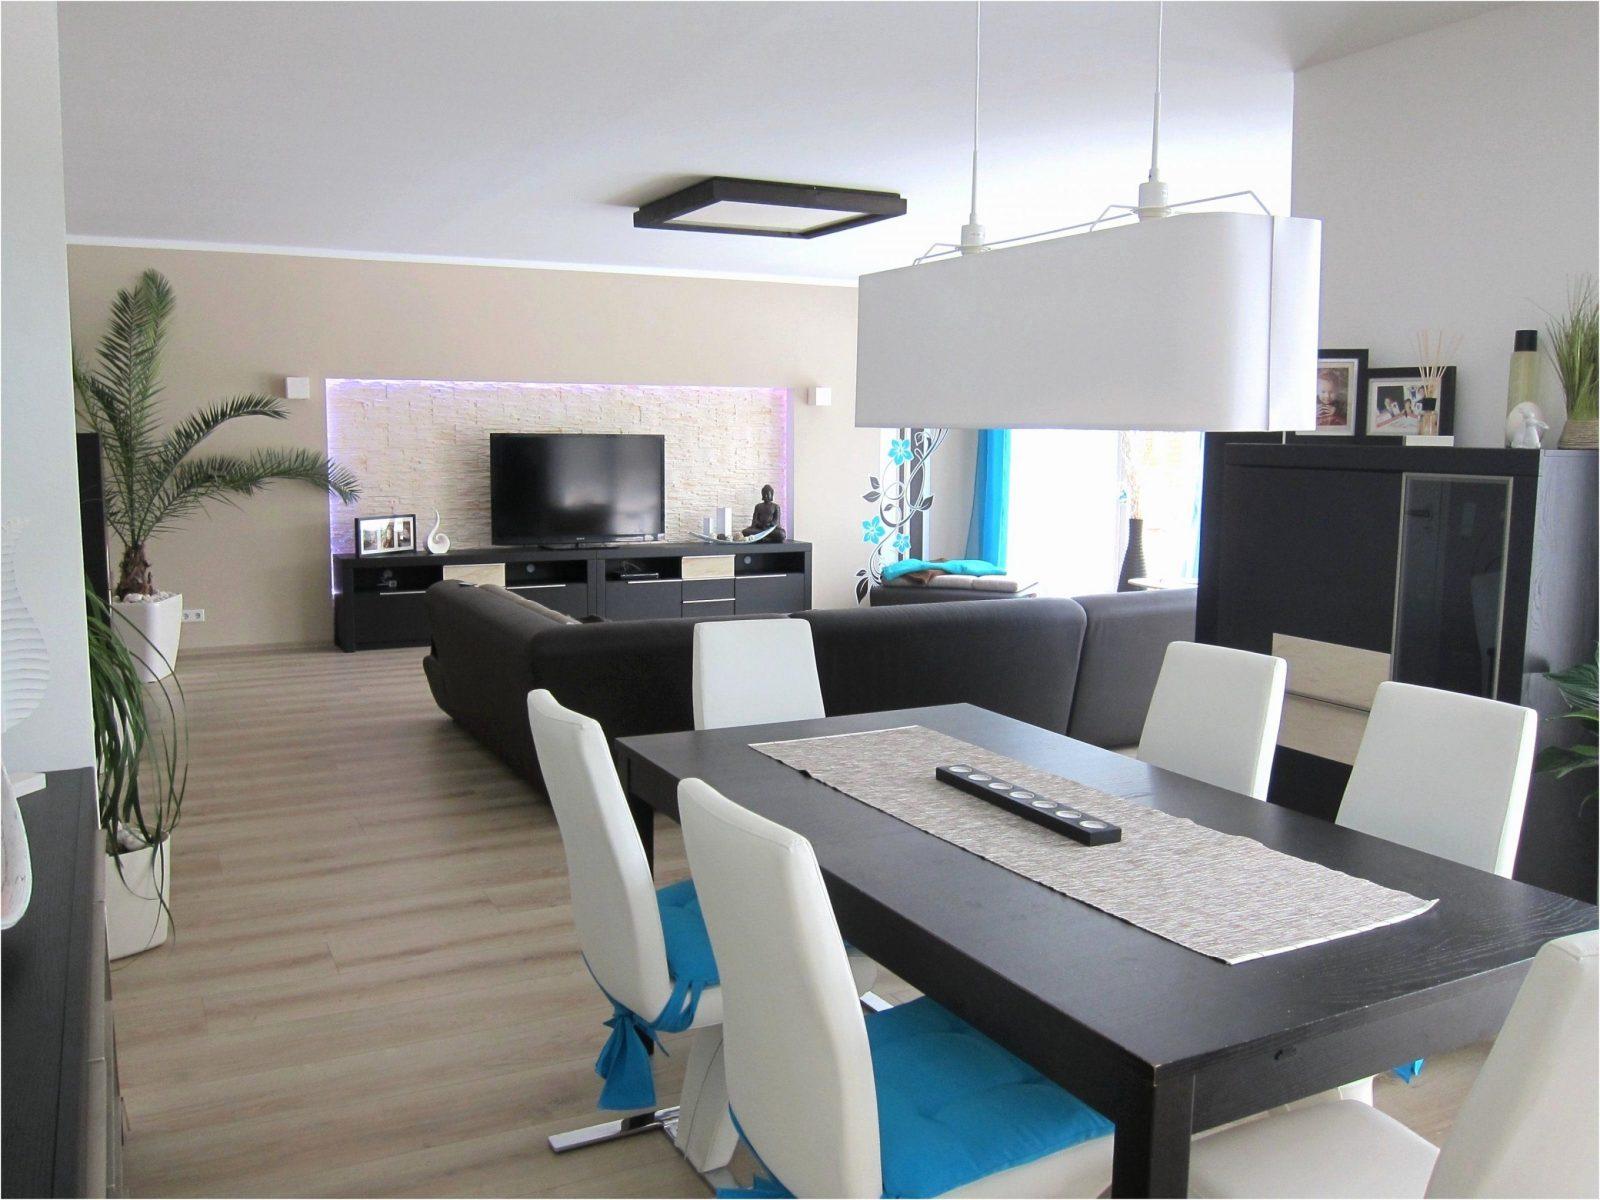 Esszimmer Ideen Exzellent Wohn Esszimmer Gestalten Design von Wohn Und Esszimmer Gestalten Bild